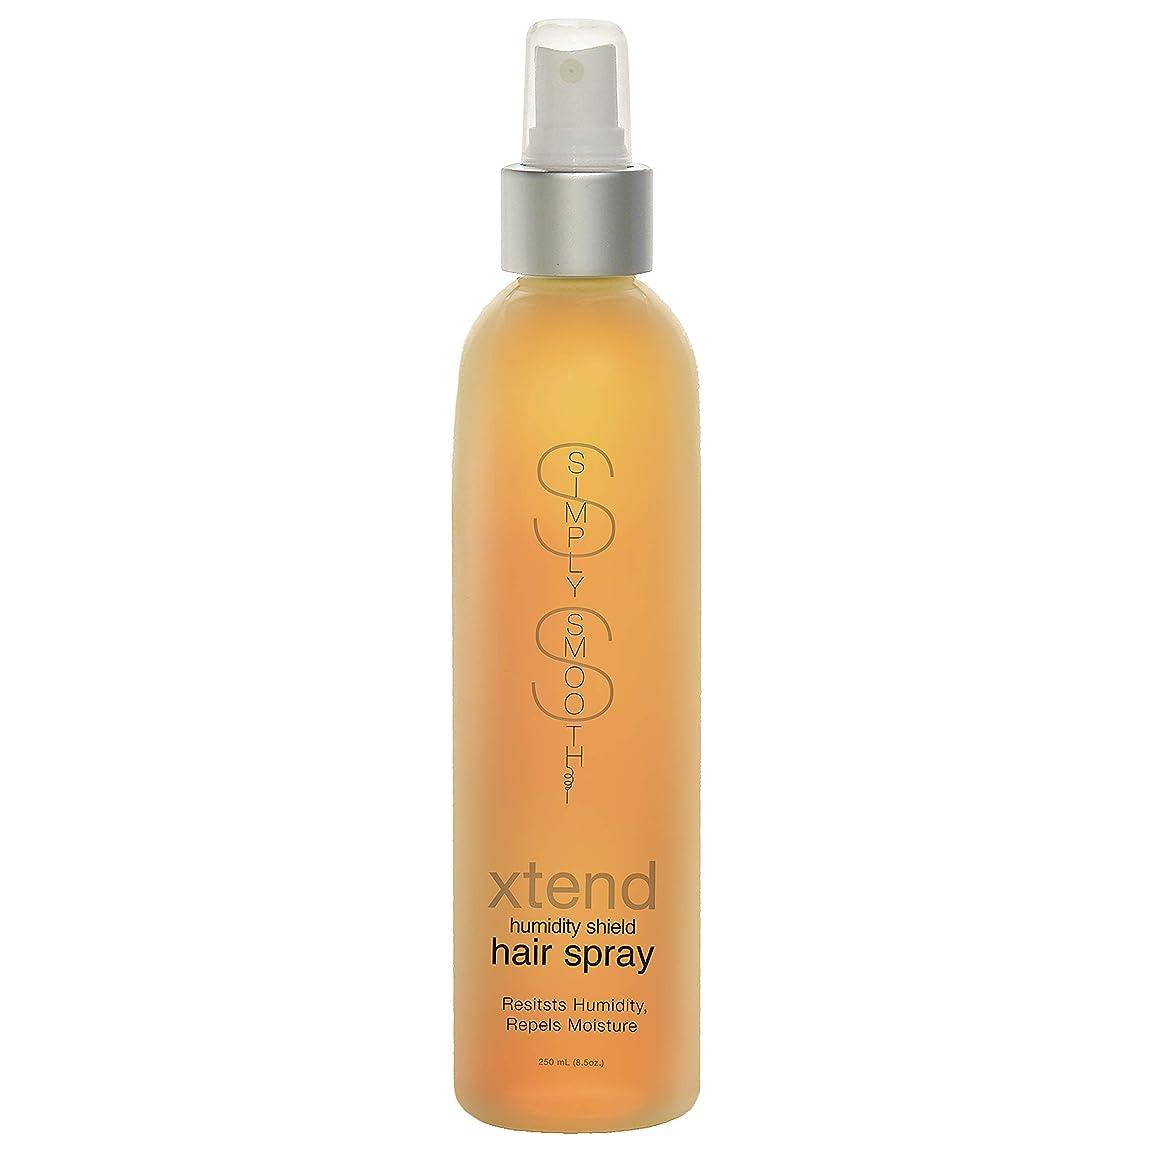 思いやりのあるアイザックおじさんSimply Smooth Xtend Humidity Shield Hairspray(Non-Aero) 8 oz. (並行輸入品)